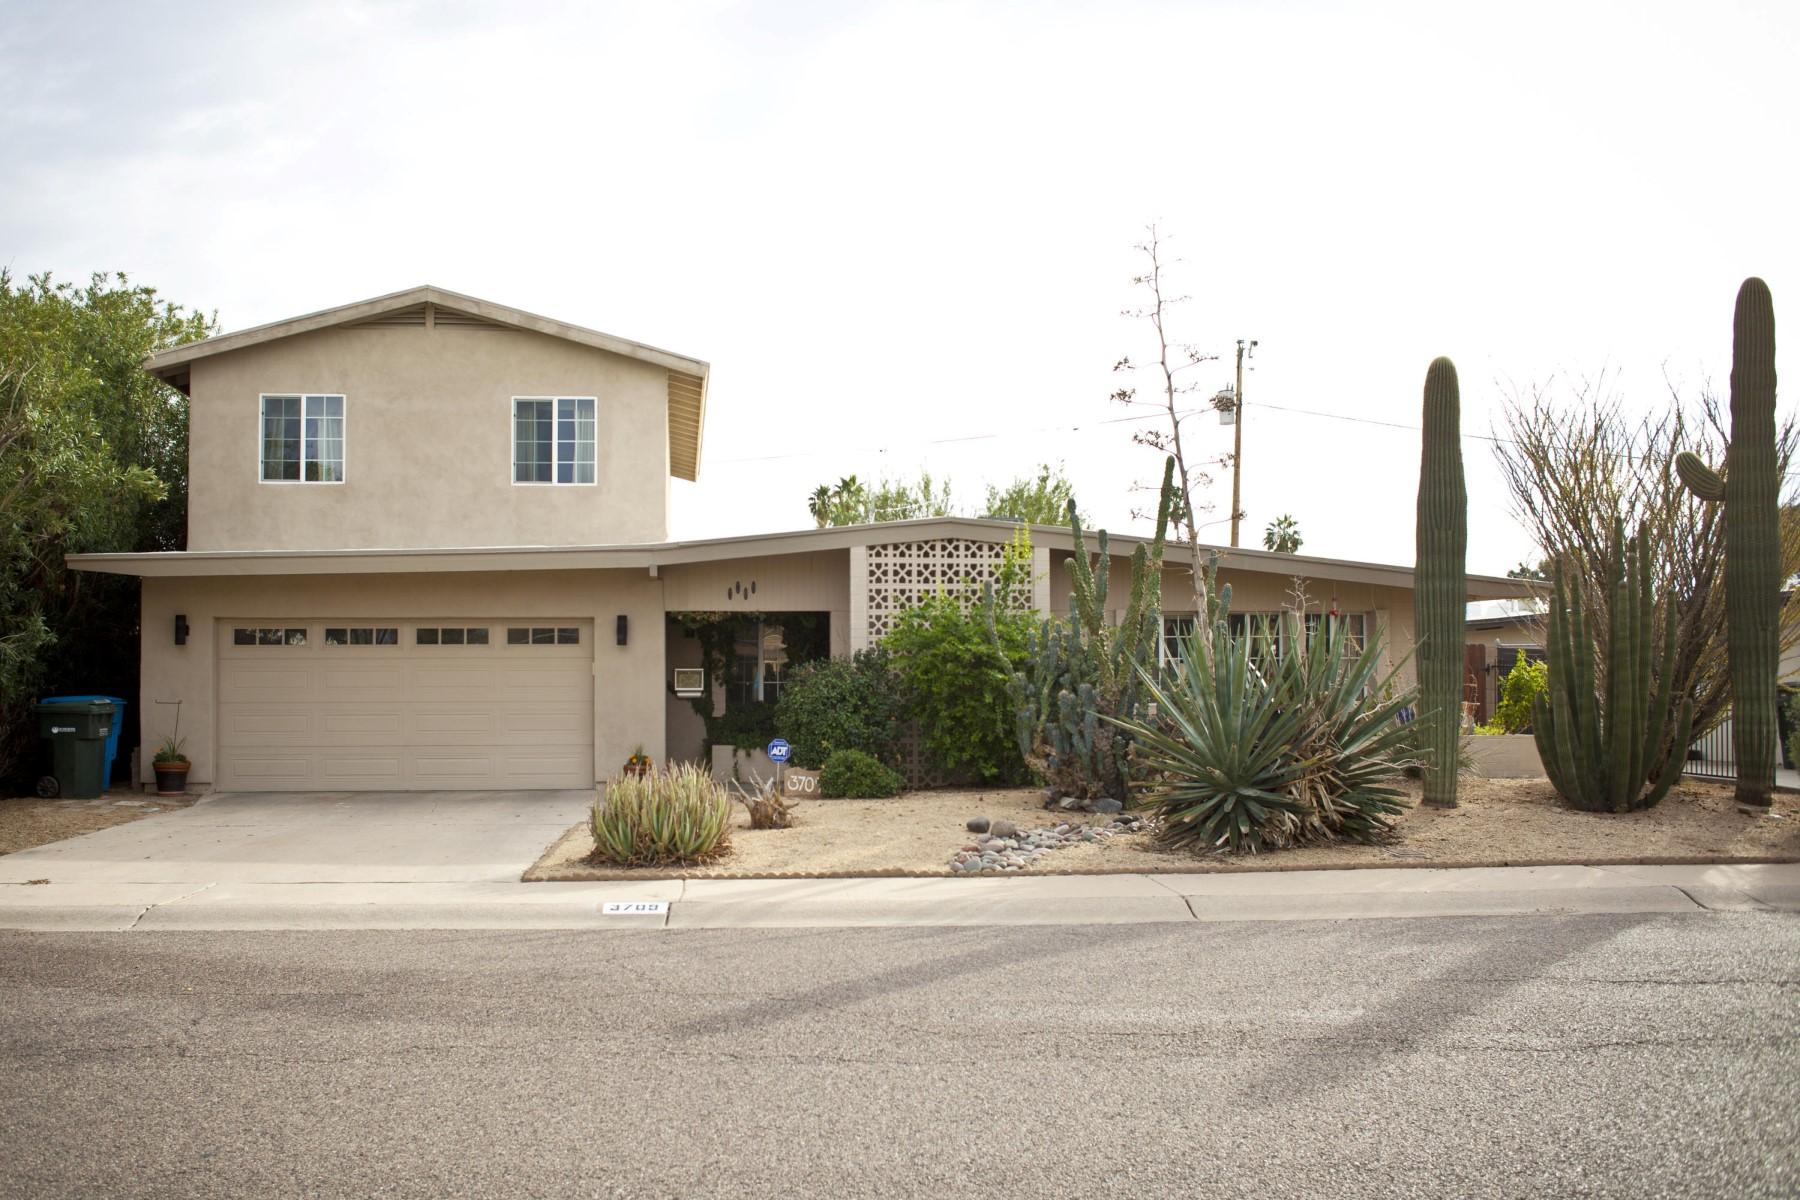 Maison unifamiliale pour l Vente à One of kind home within walking distance of two city parks 3709 E Shaw Butte Dr Phoenix, Arizona, 85028 États-Unis